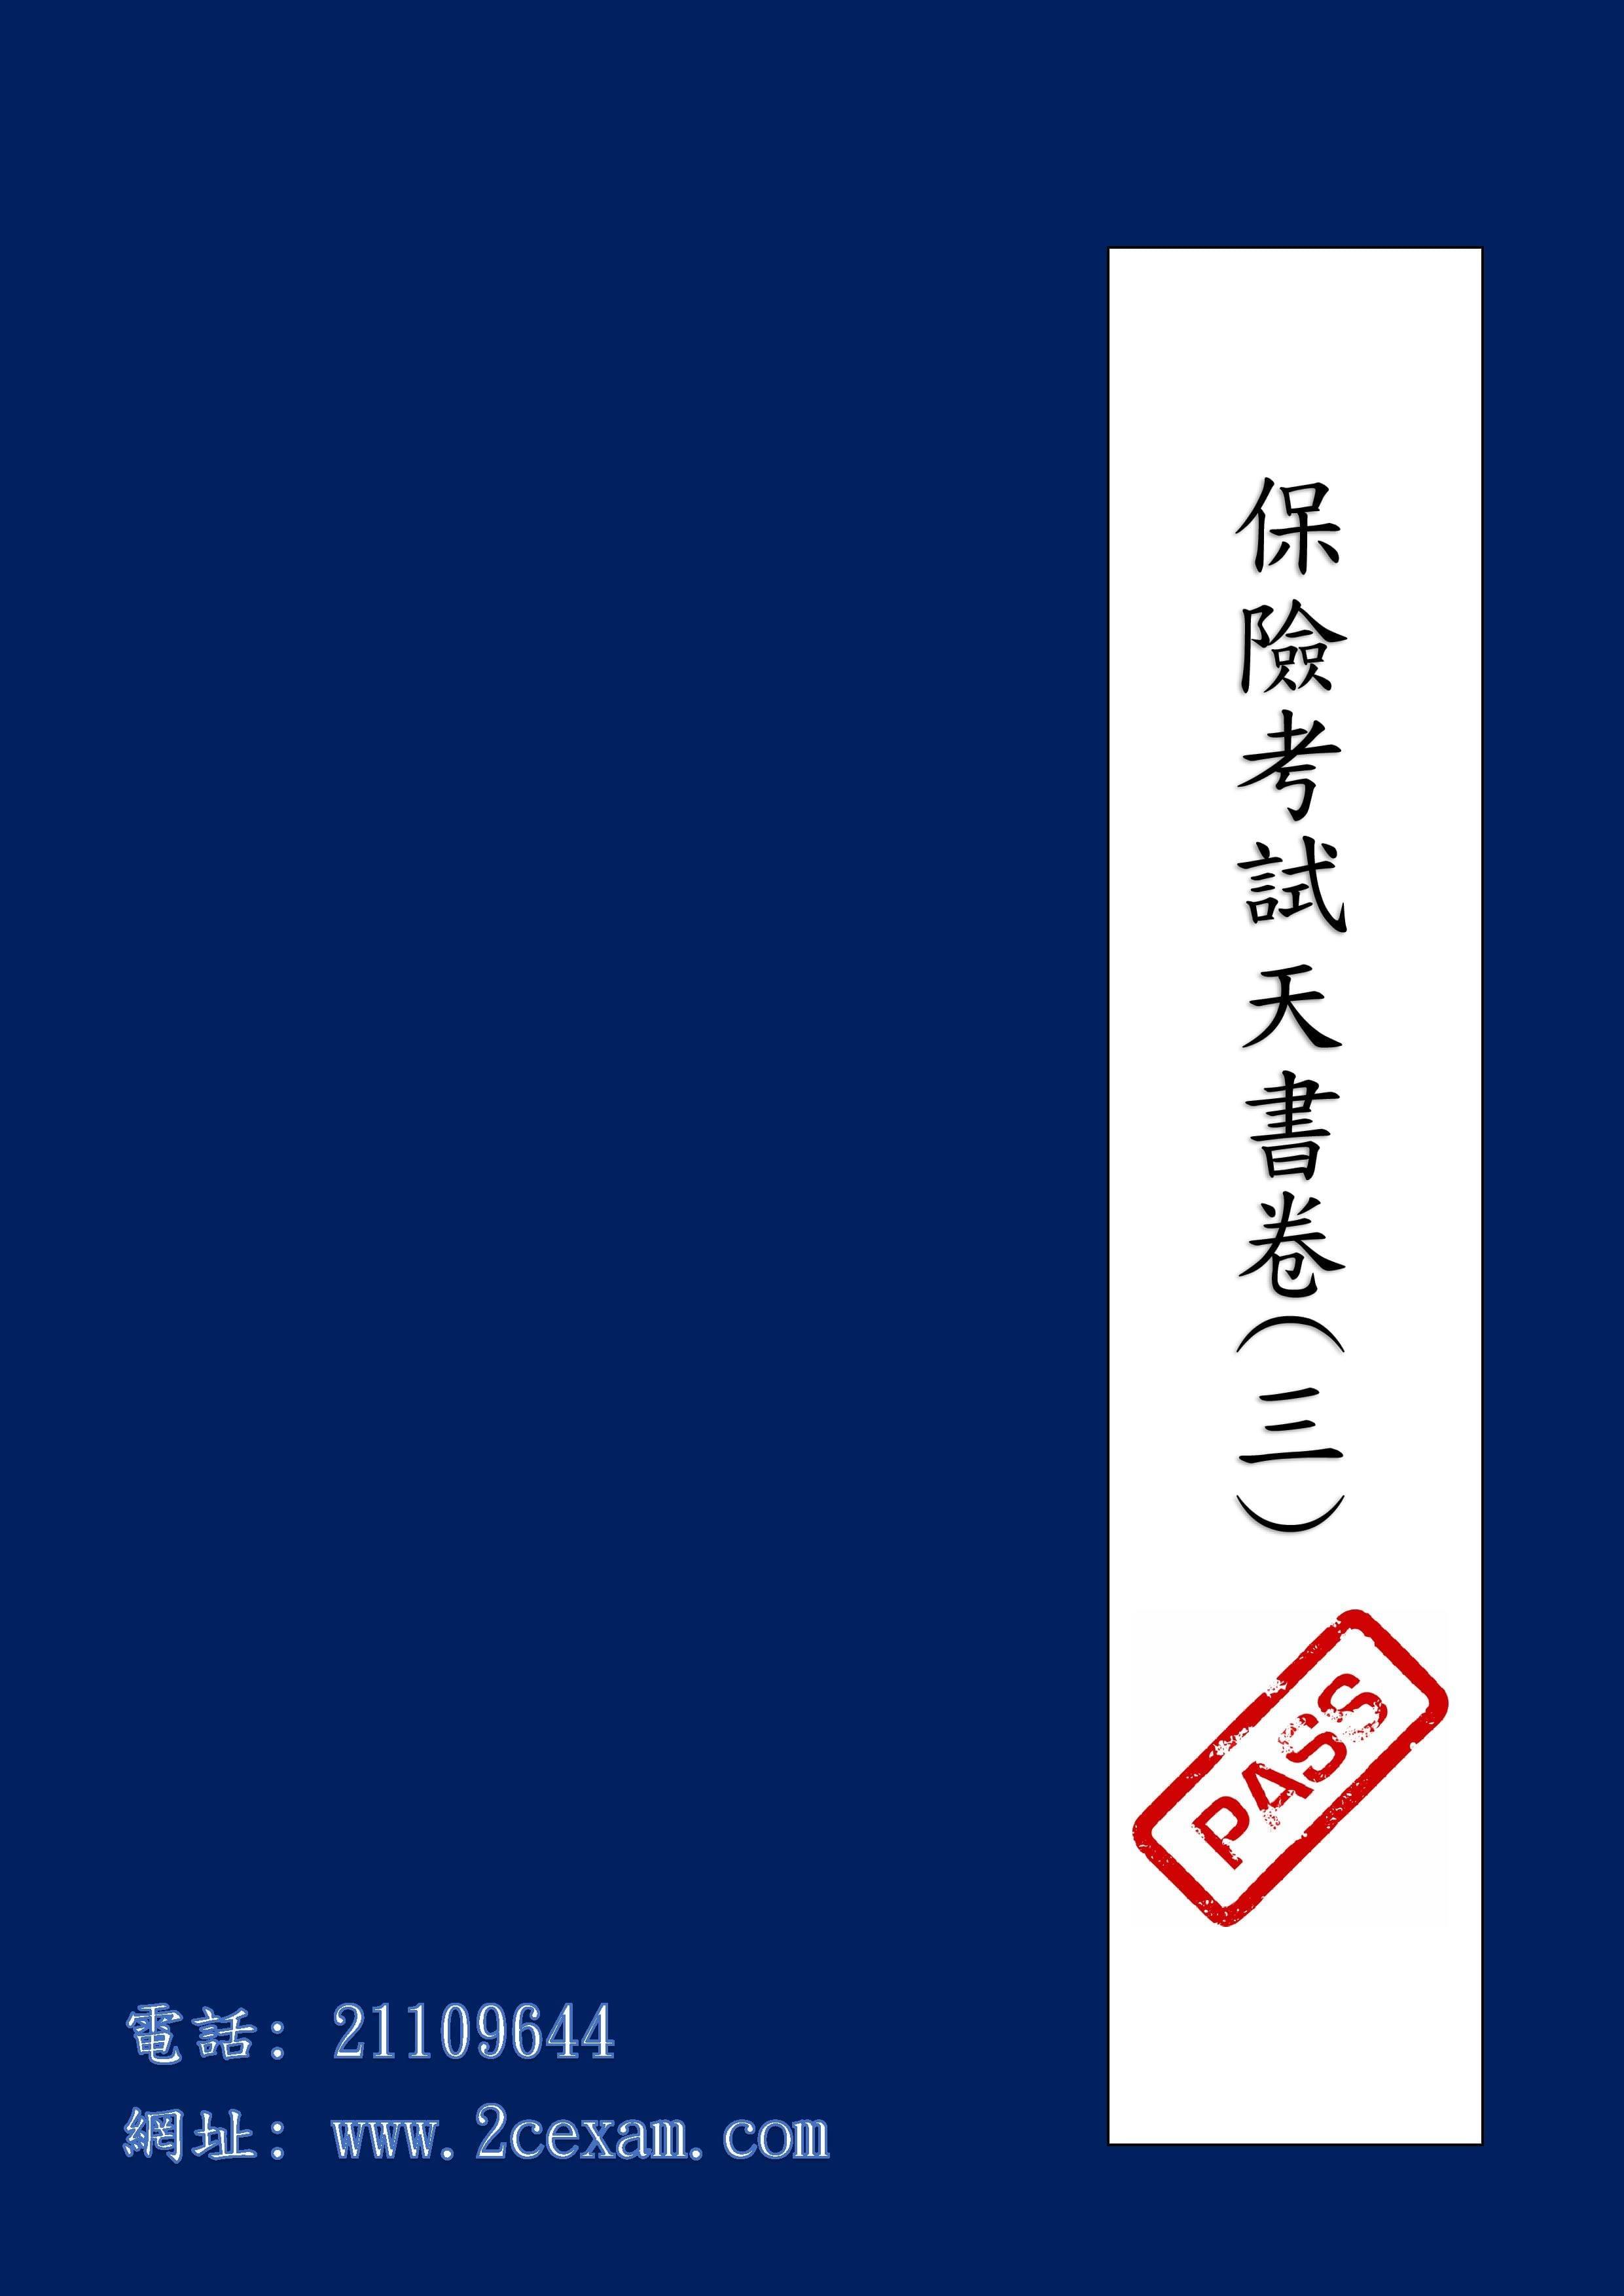 保險考試天書卷(三) iiqe paper 3 study notes